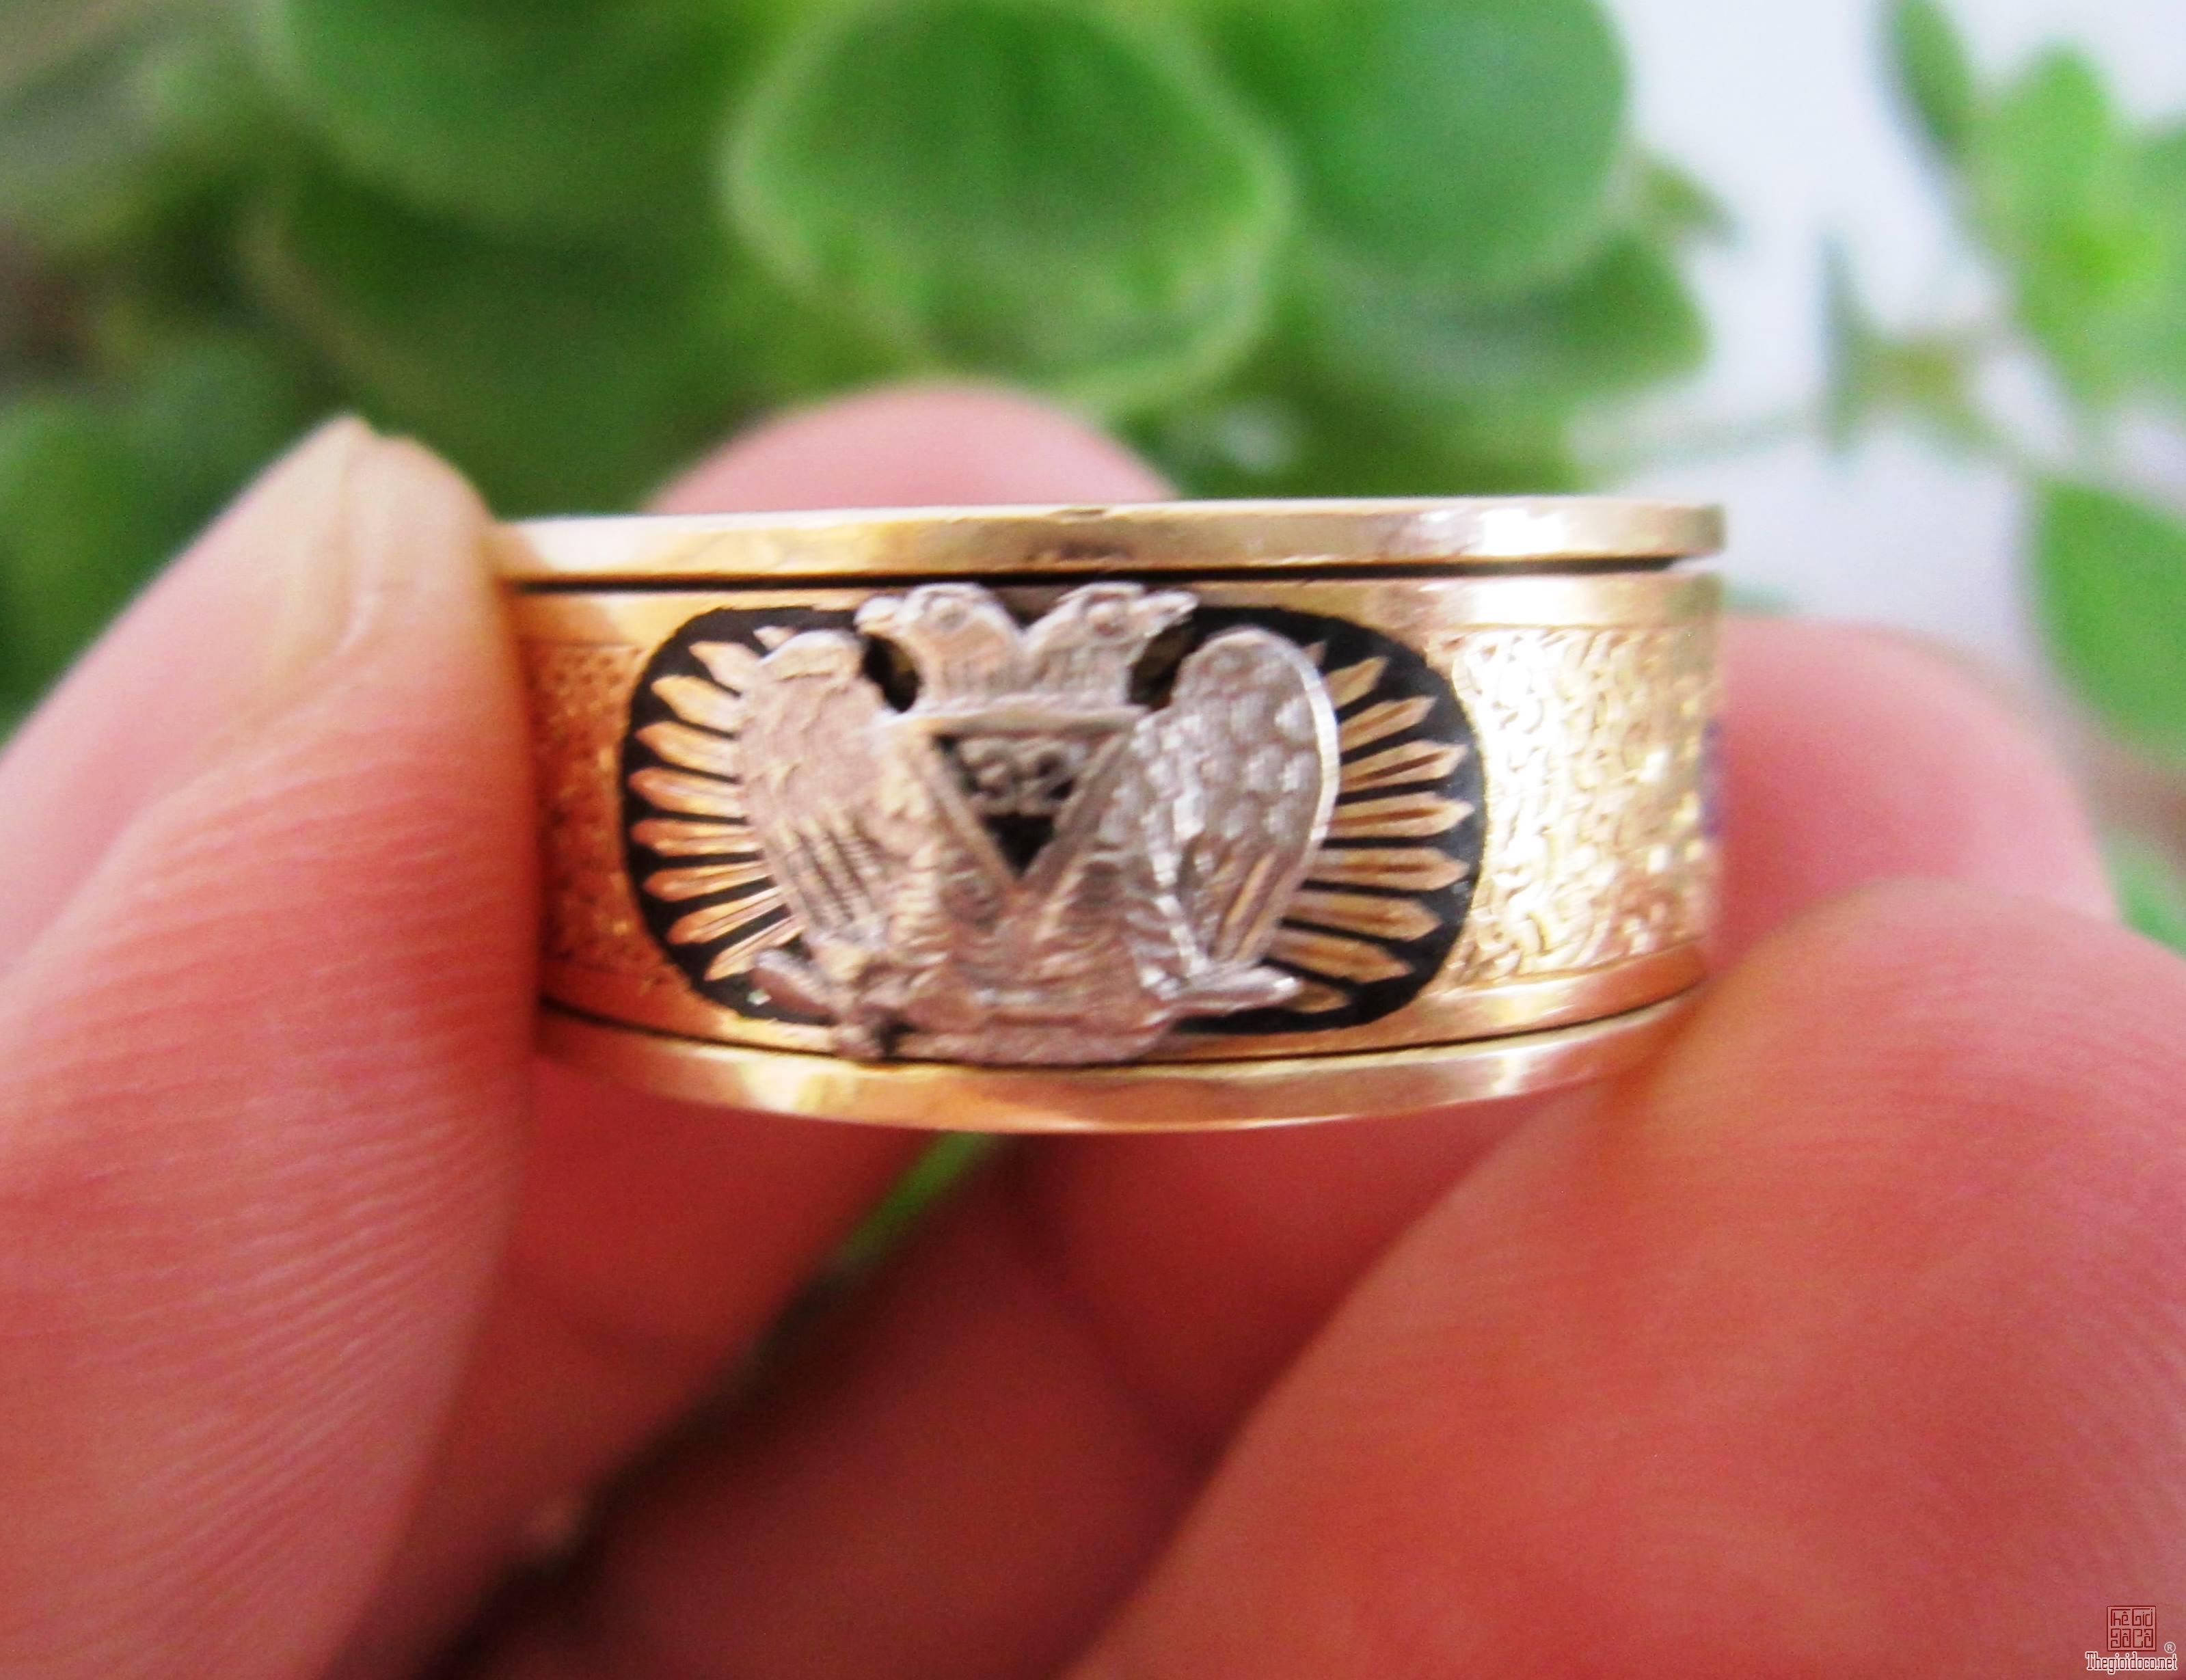 Nhẫn mỹ 14K Masonic vòng tròn, vàng 02 màu (vàng trắng và vàng vàng)